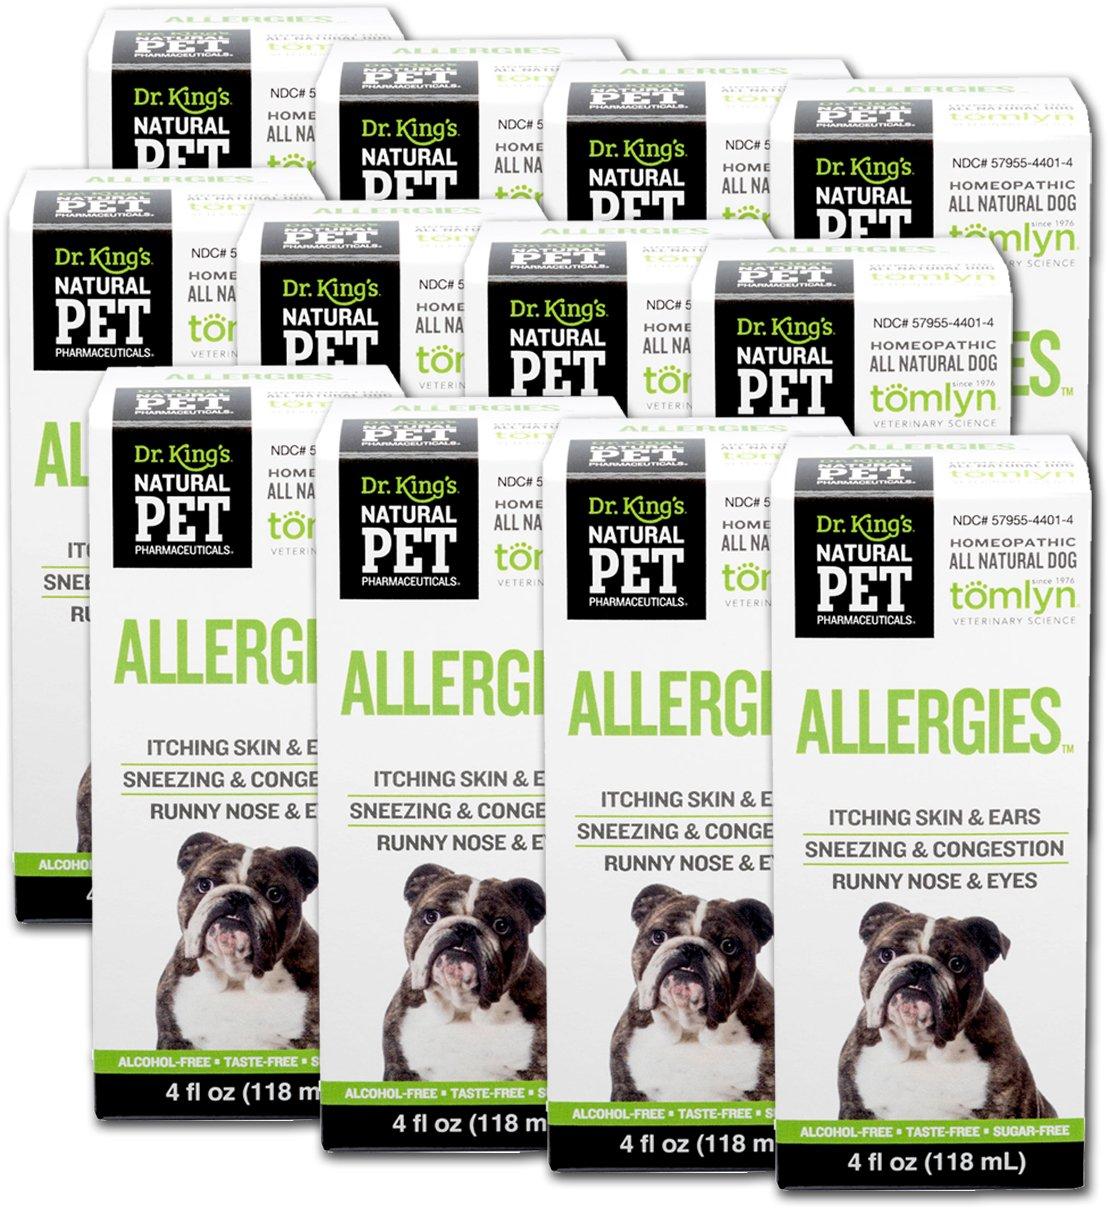 Tomlyn Dog Allergies 48oz (12 x 4oz)